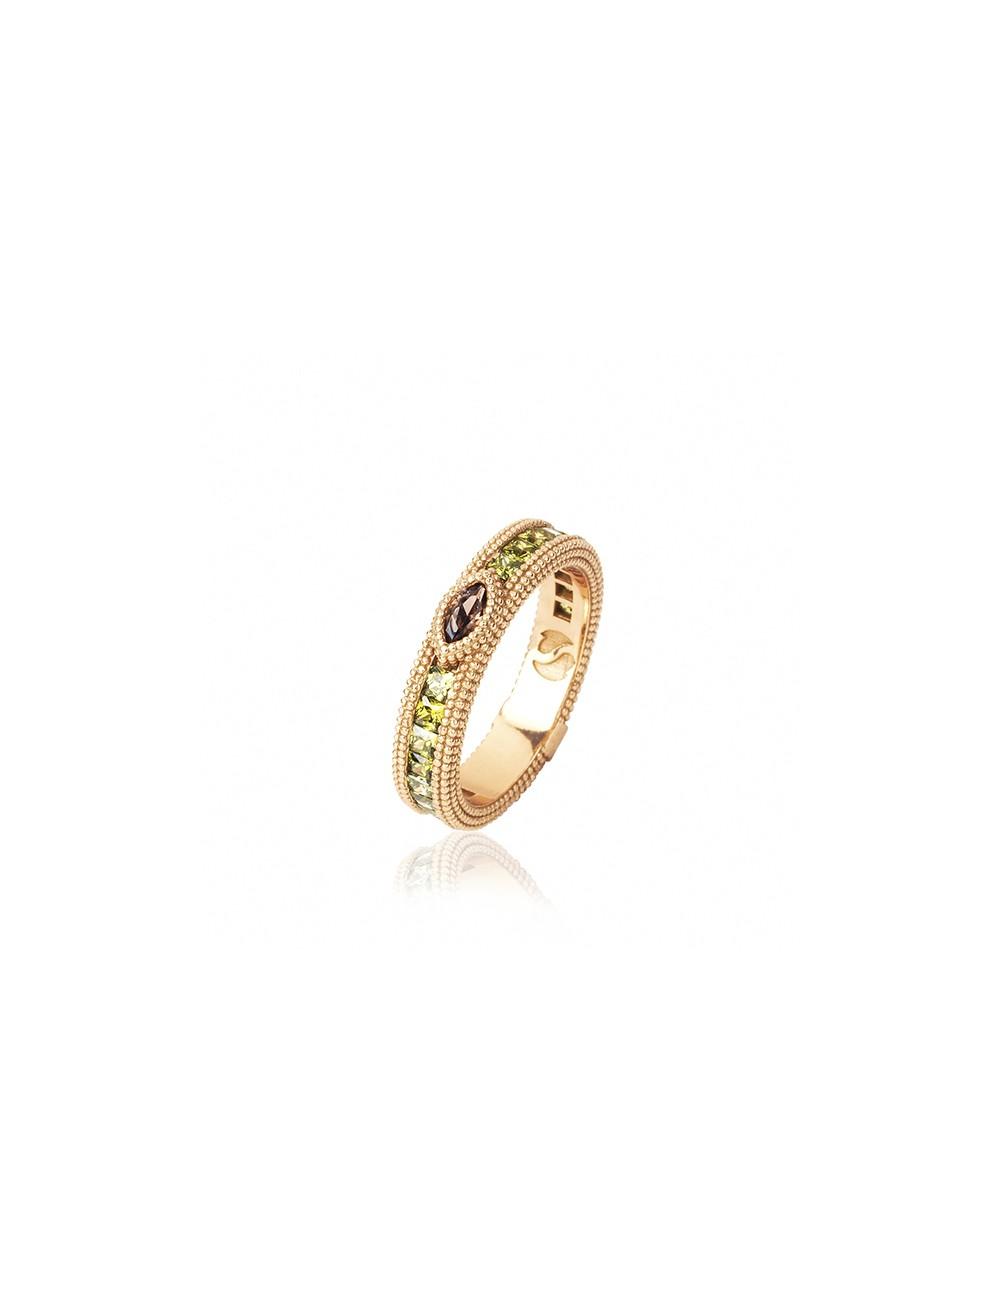 Sunfield -Anillo Sunfield plata baño oro rosa y circonitas -AN062343/2